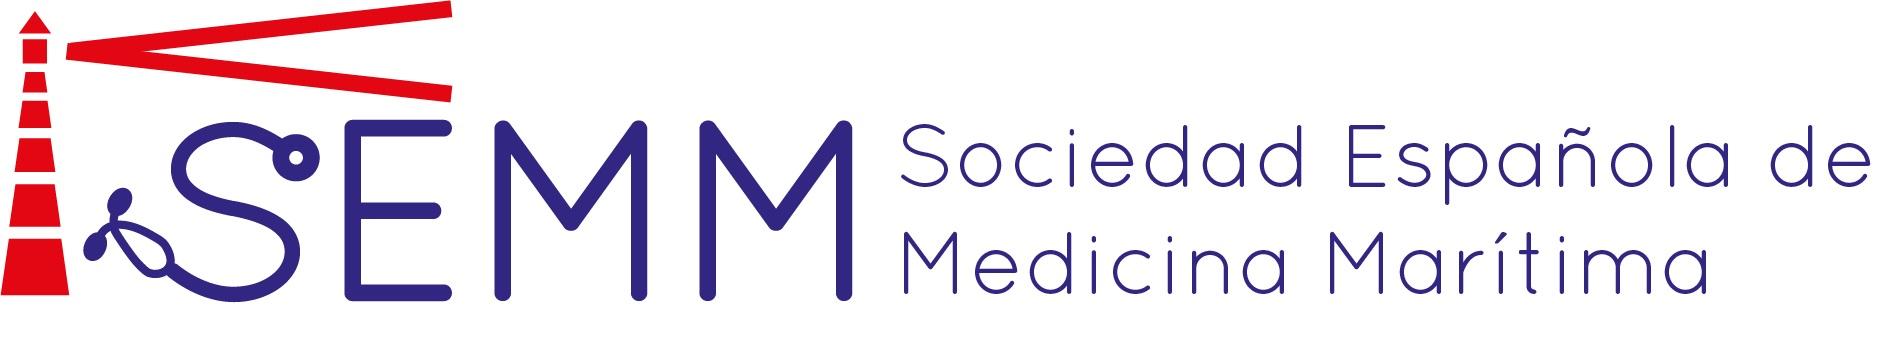 SEMM Sociedad Española de Medicina Marítima